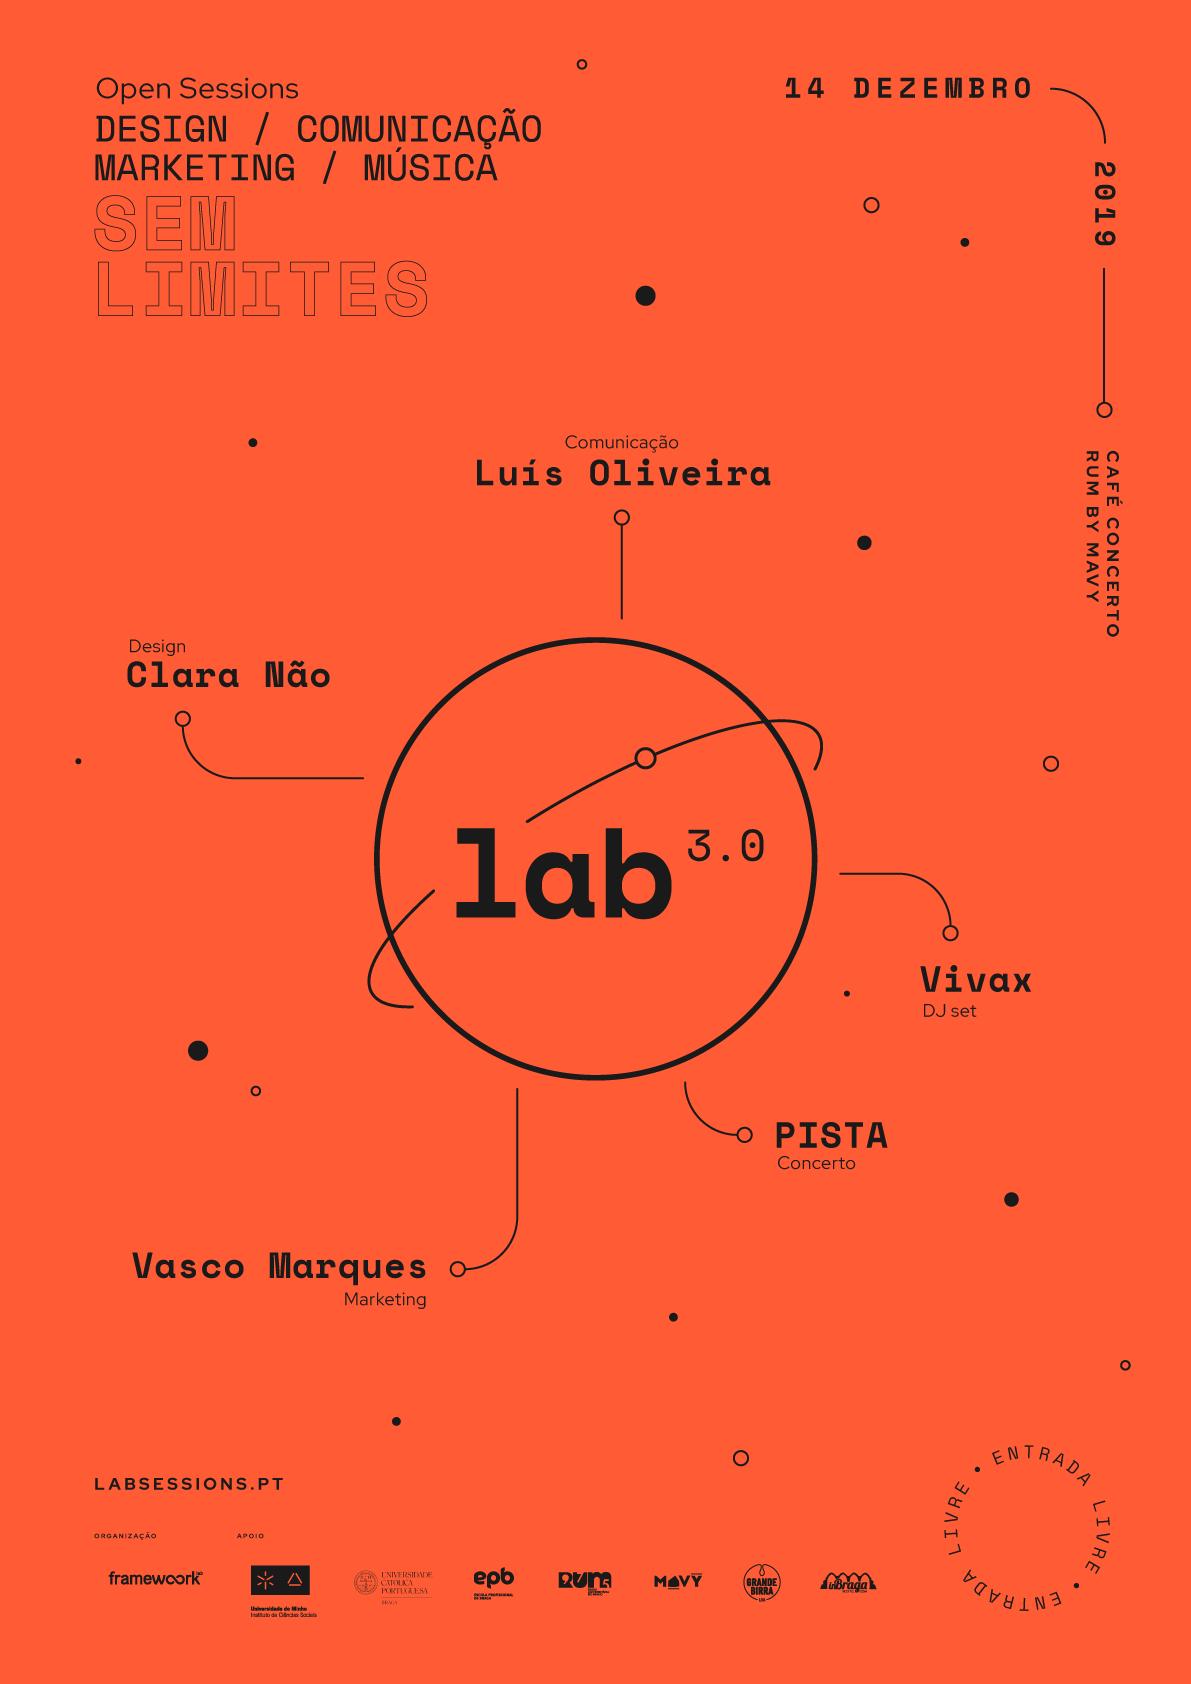 Lab 3.0